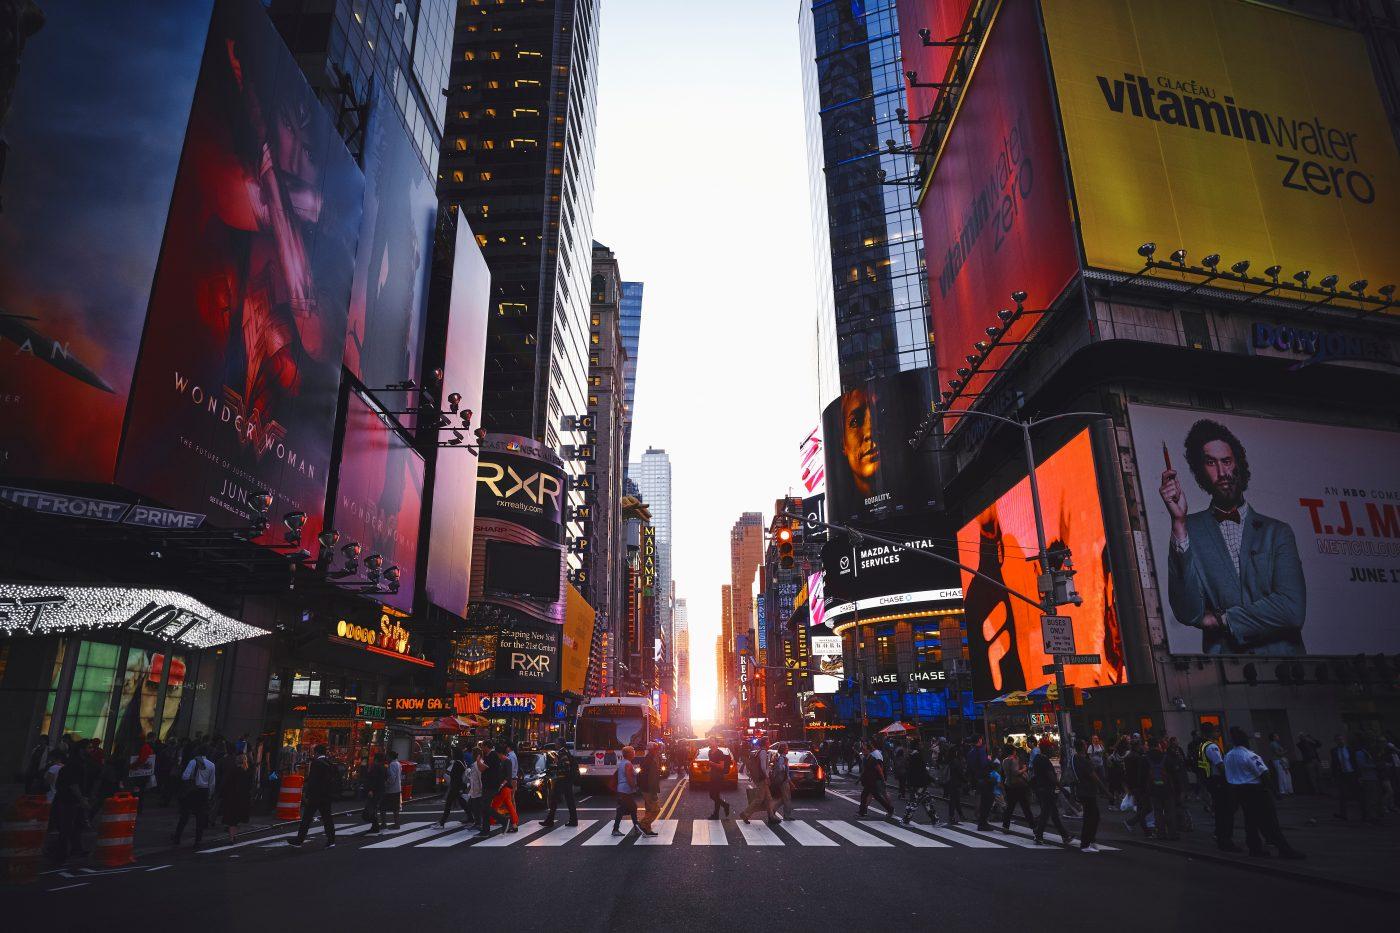 Intuitiva e mobile native, ecco la work experience di New York